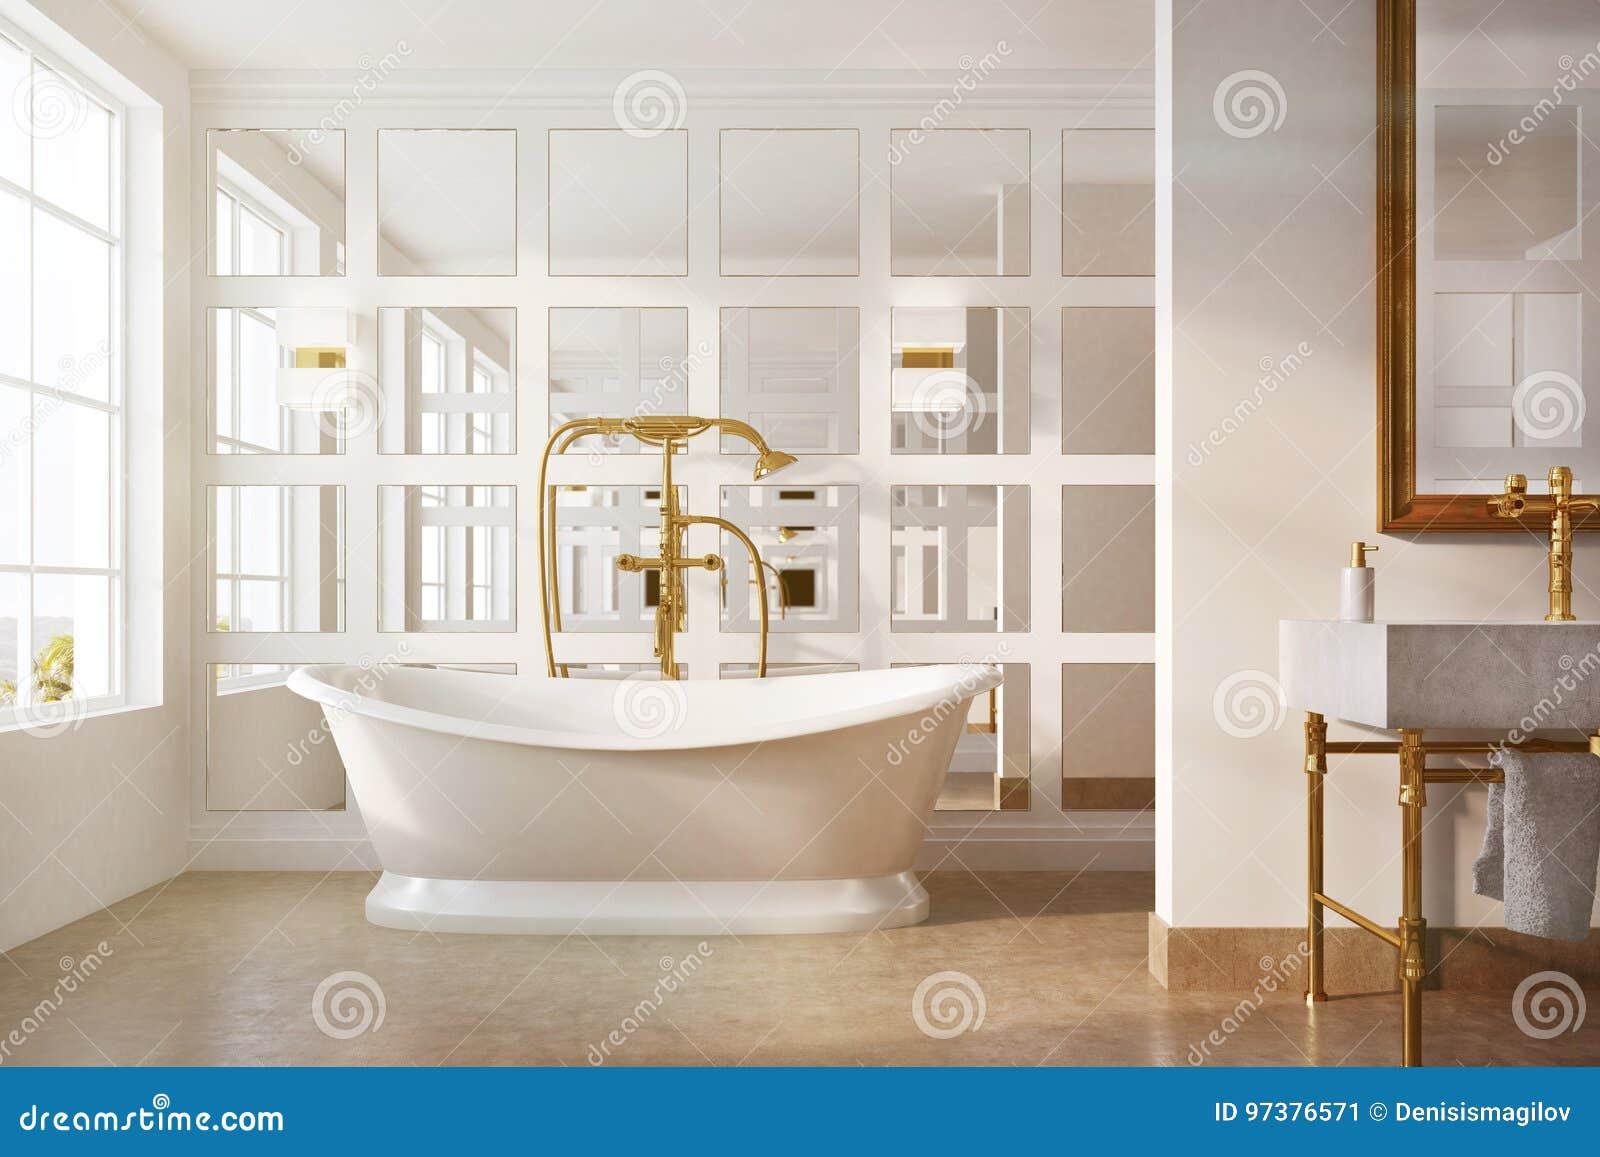 Intérieur De Salle De Bains De Vintage Avec Une Baignoire Blanche, Une  Douche Du0027or, Un Miroir Encadré Sur Un Mur Et Un Mur De Verre Concept De  Luxe Et De ...